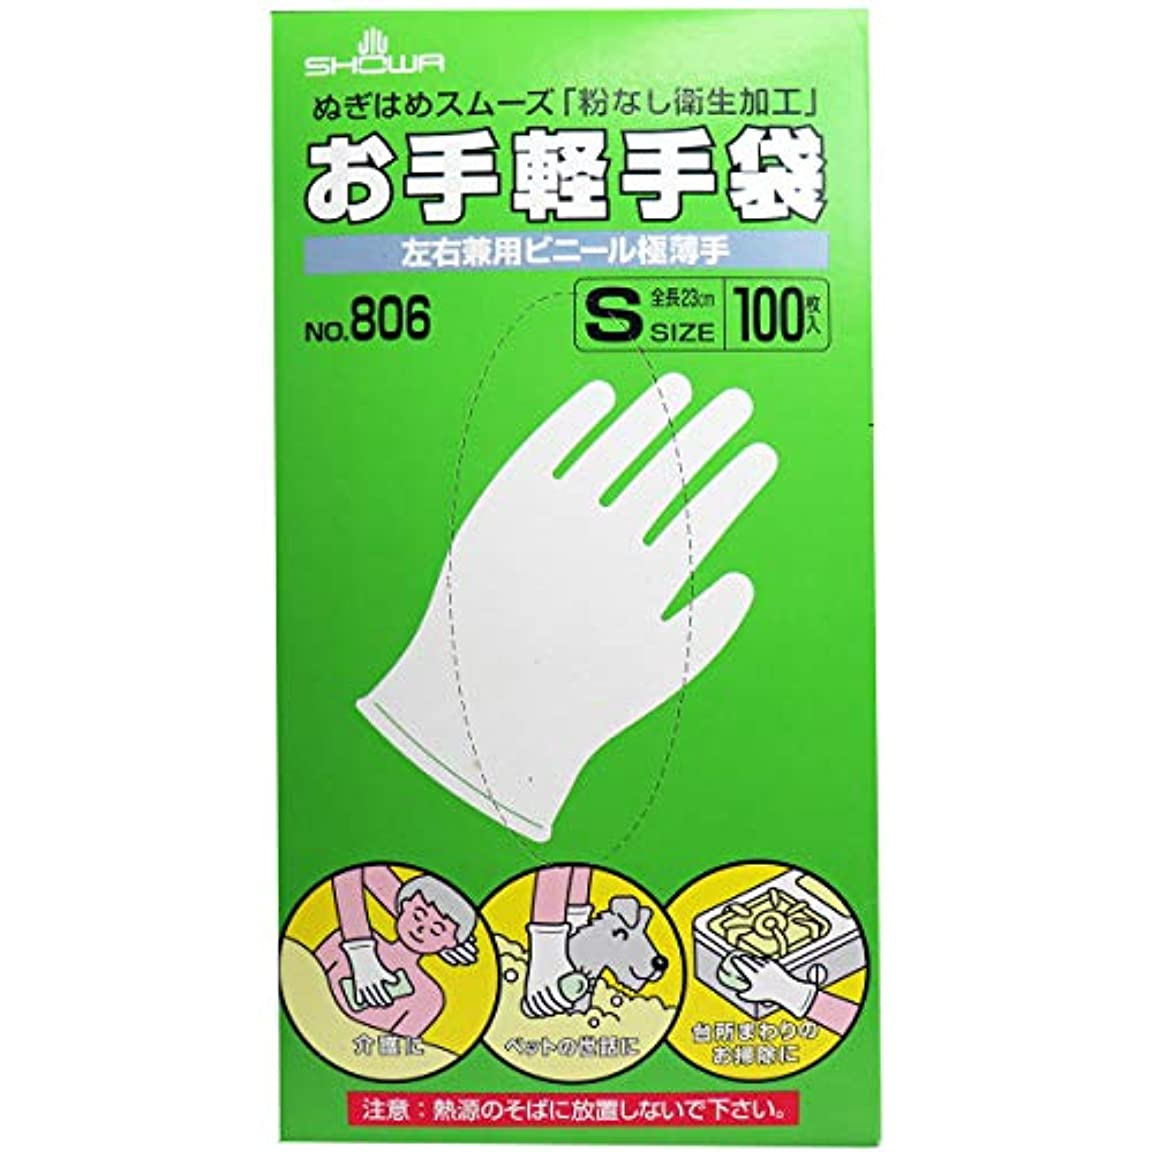 撤退才能指令お手軽手袋 No.806 左右兼用ビニール極薄手 粉なし Sサイズ 100枚入×5個セット(管理番号 4901792033589)